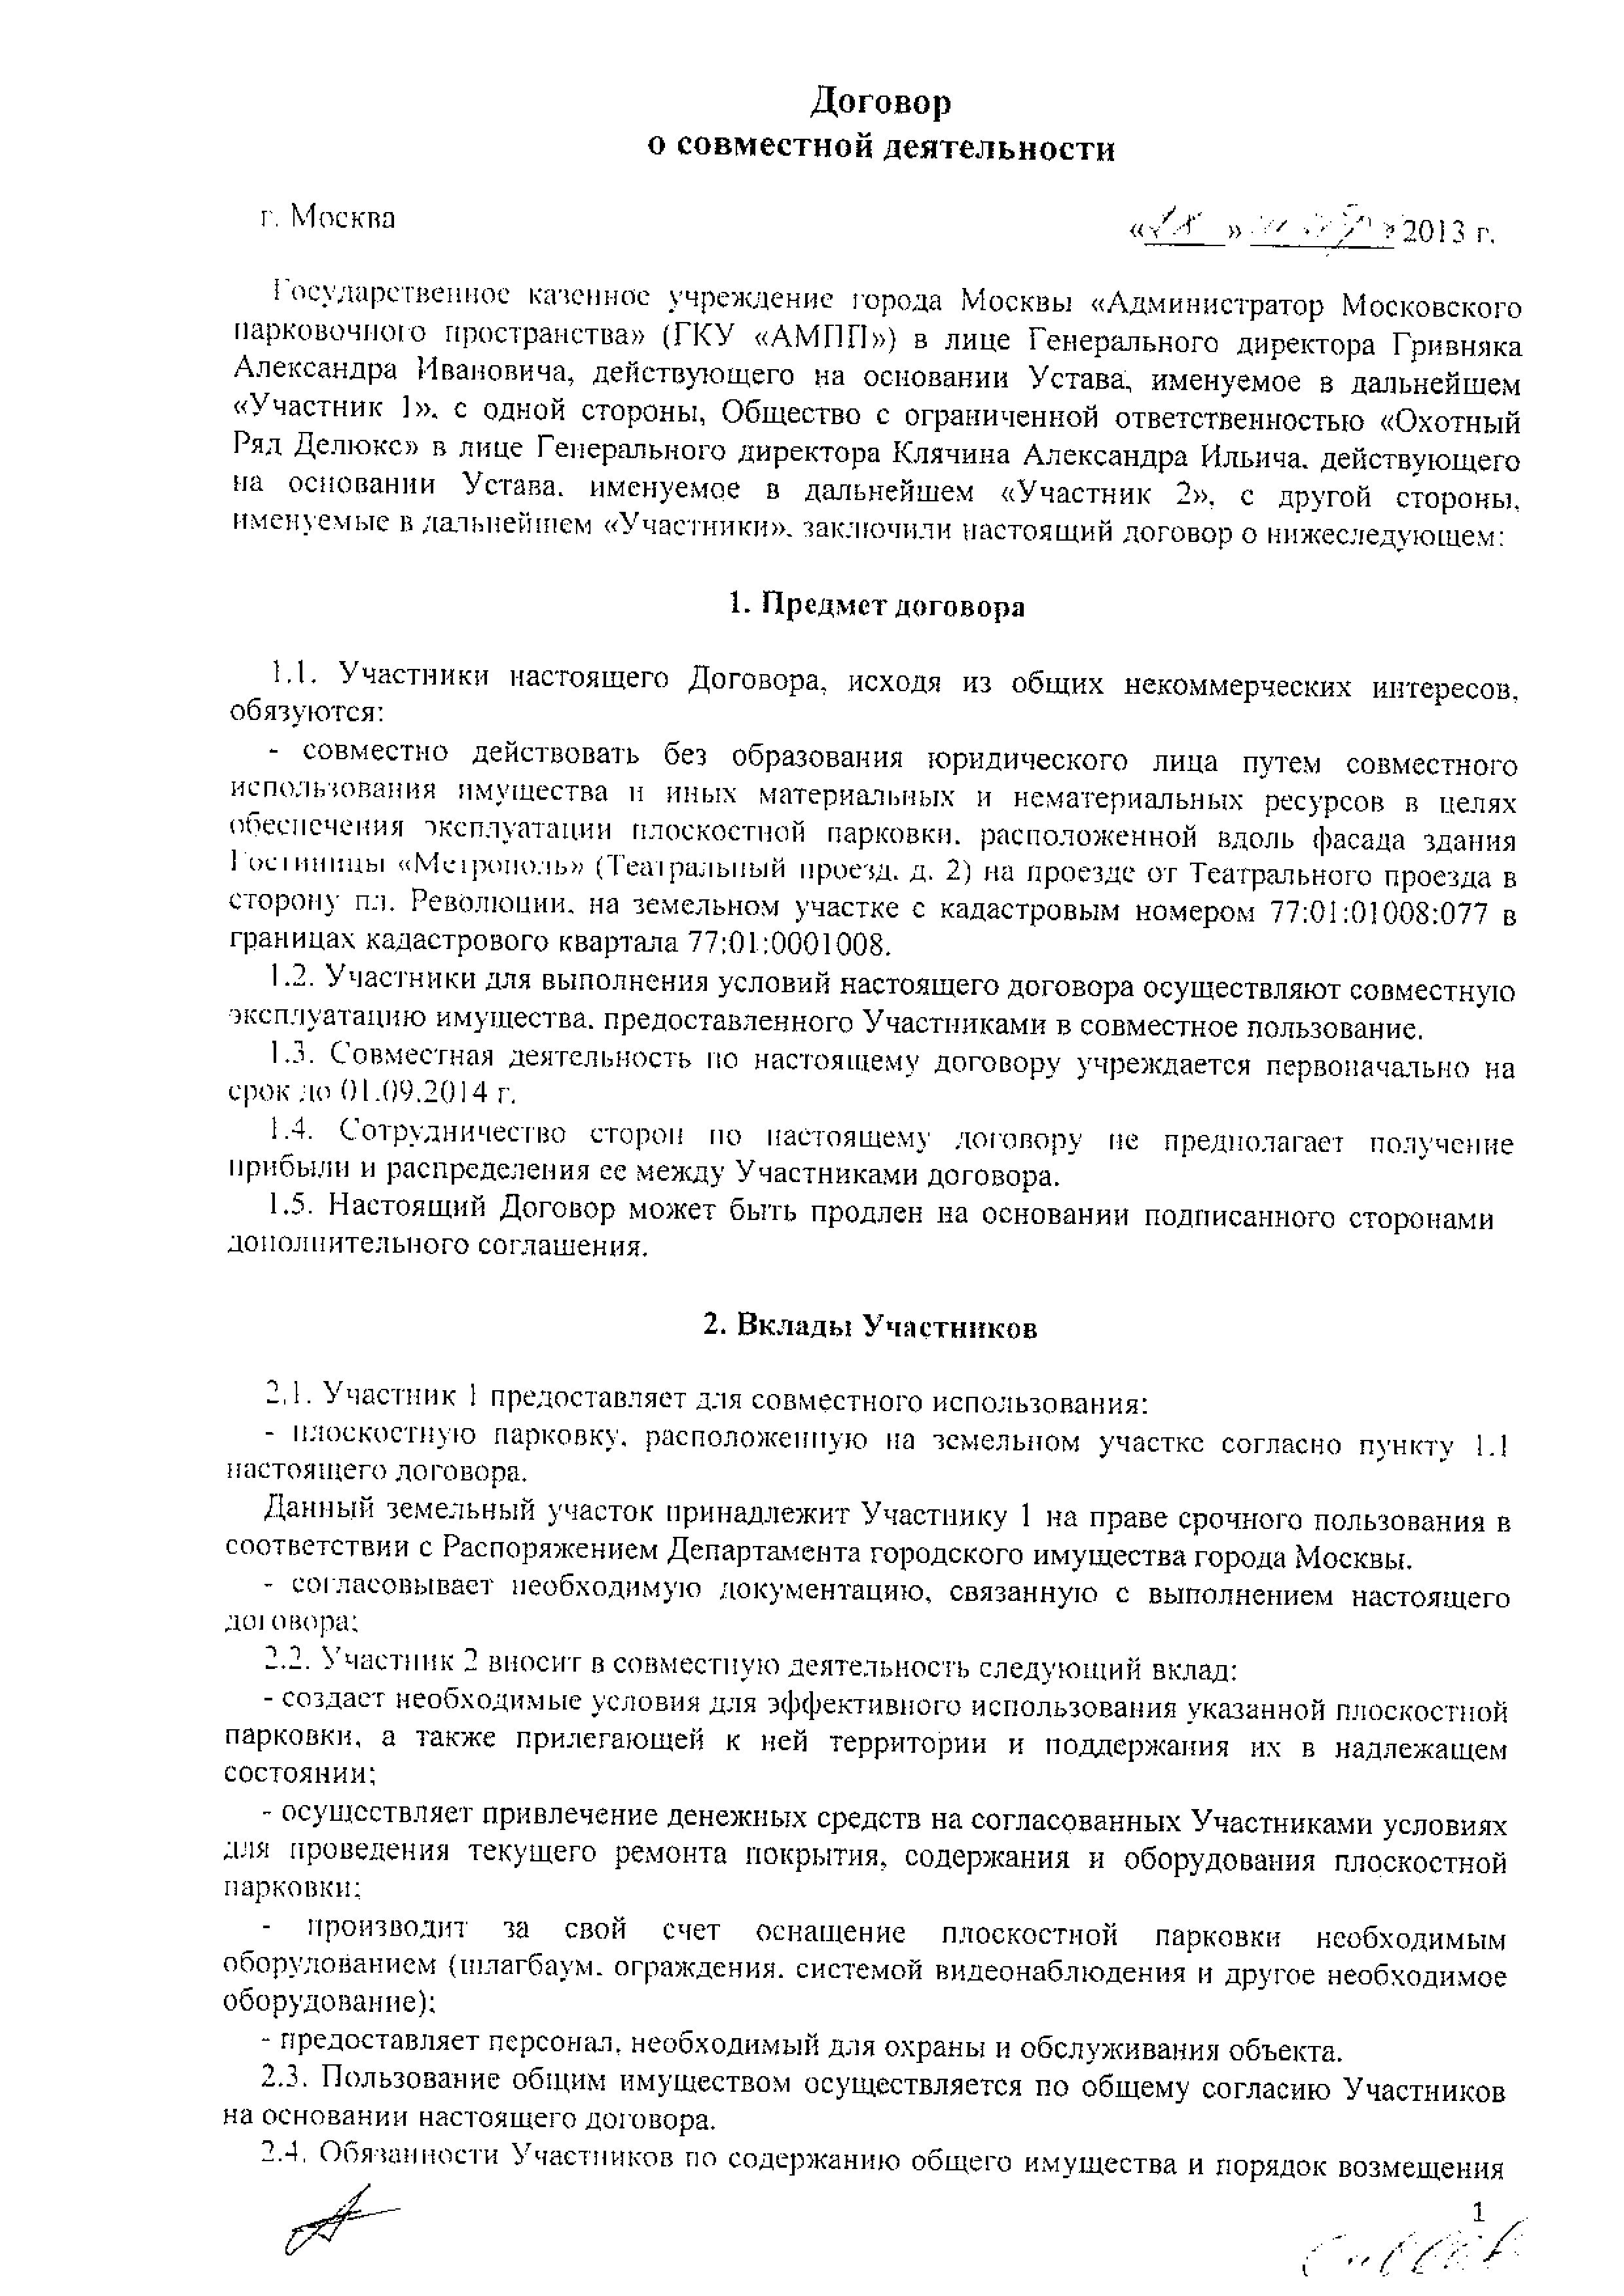 договор о совместной деятельности-0.png